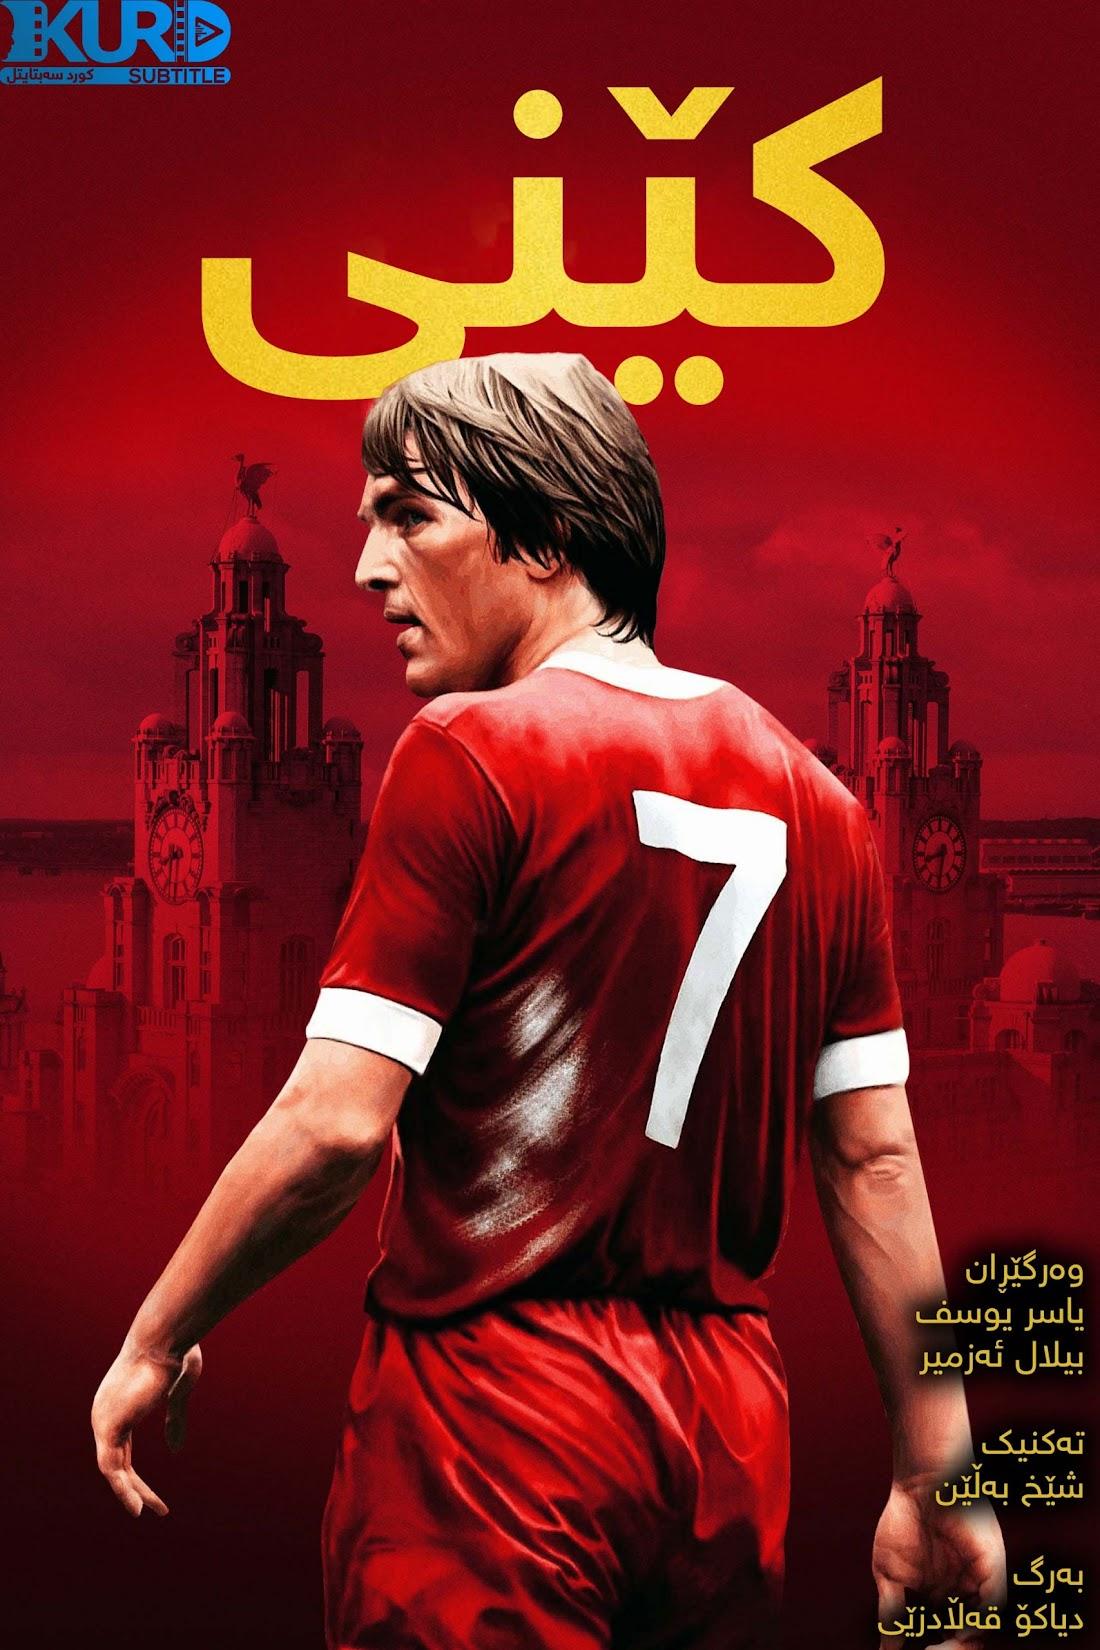 Kenny kurdish poster